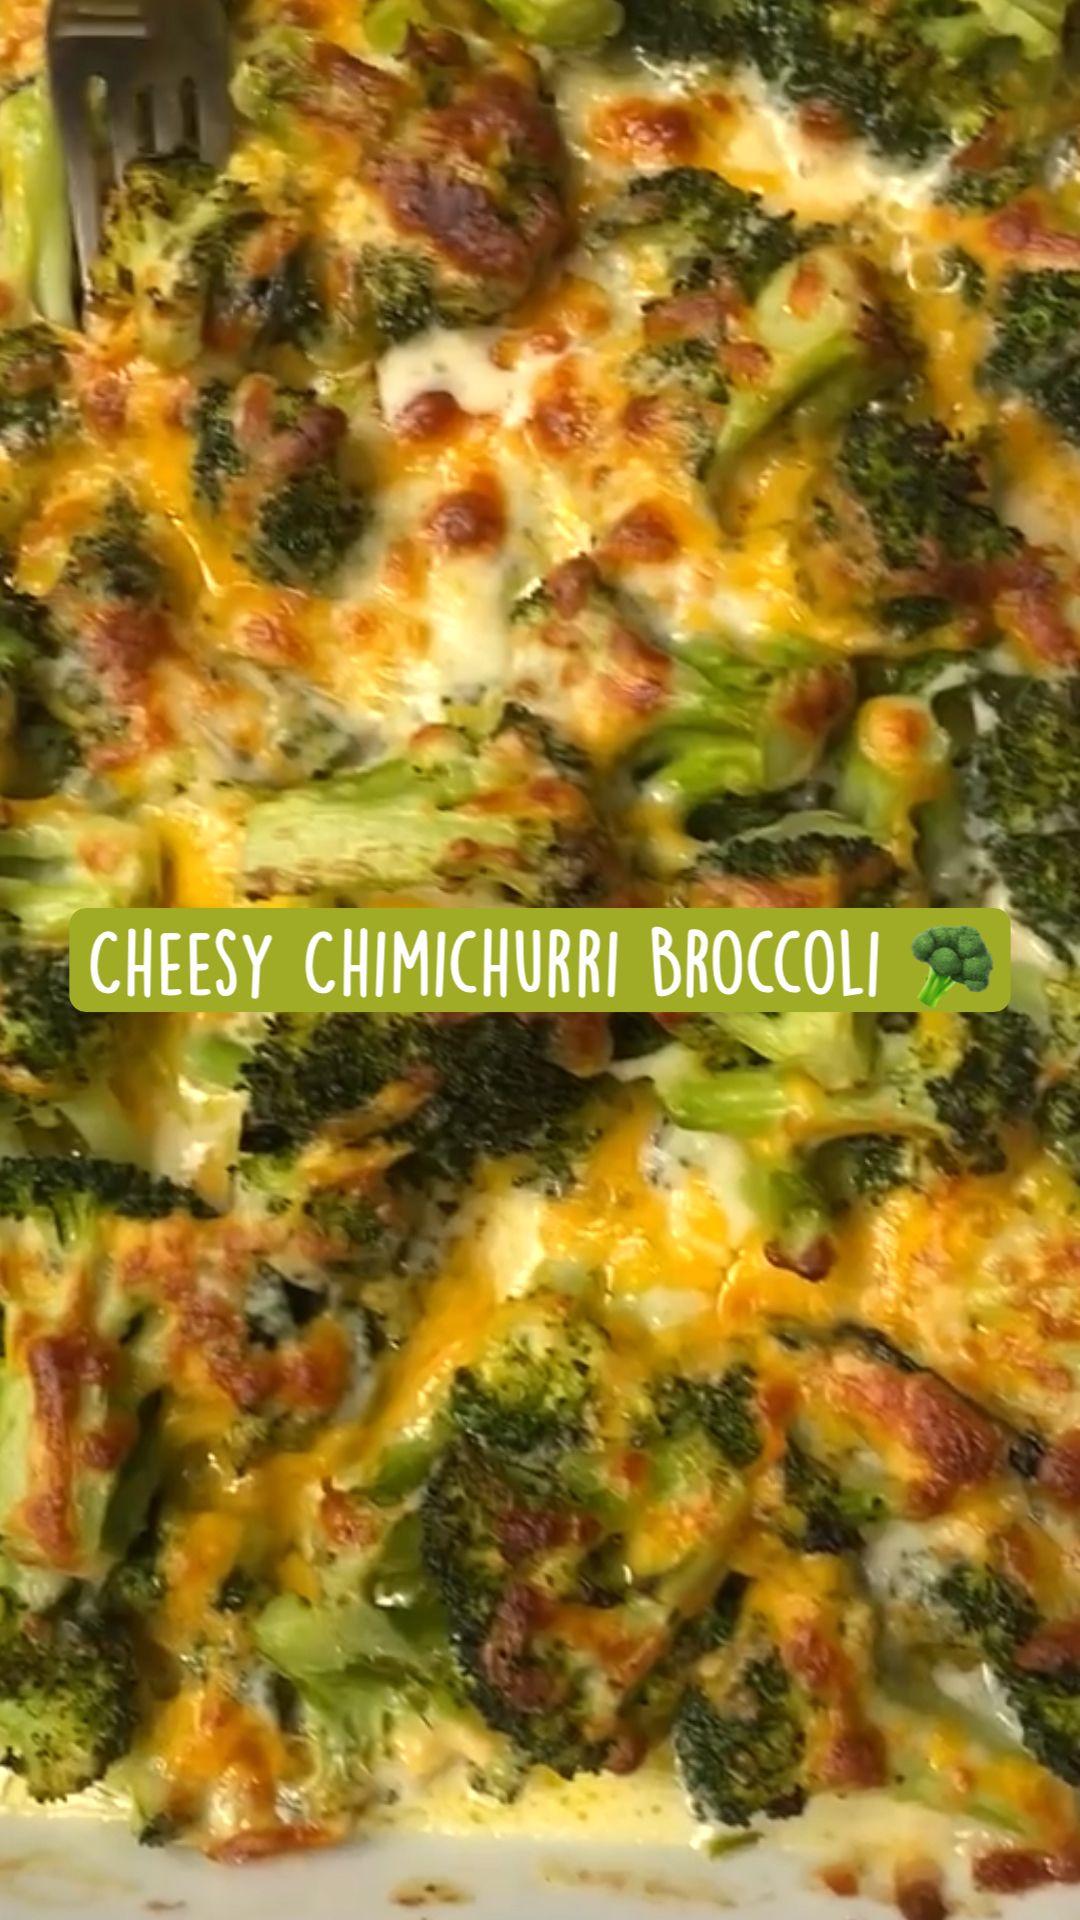 Cheesy Chimichurri Broccoli 🥦